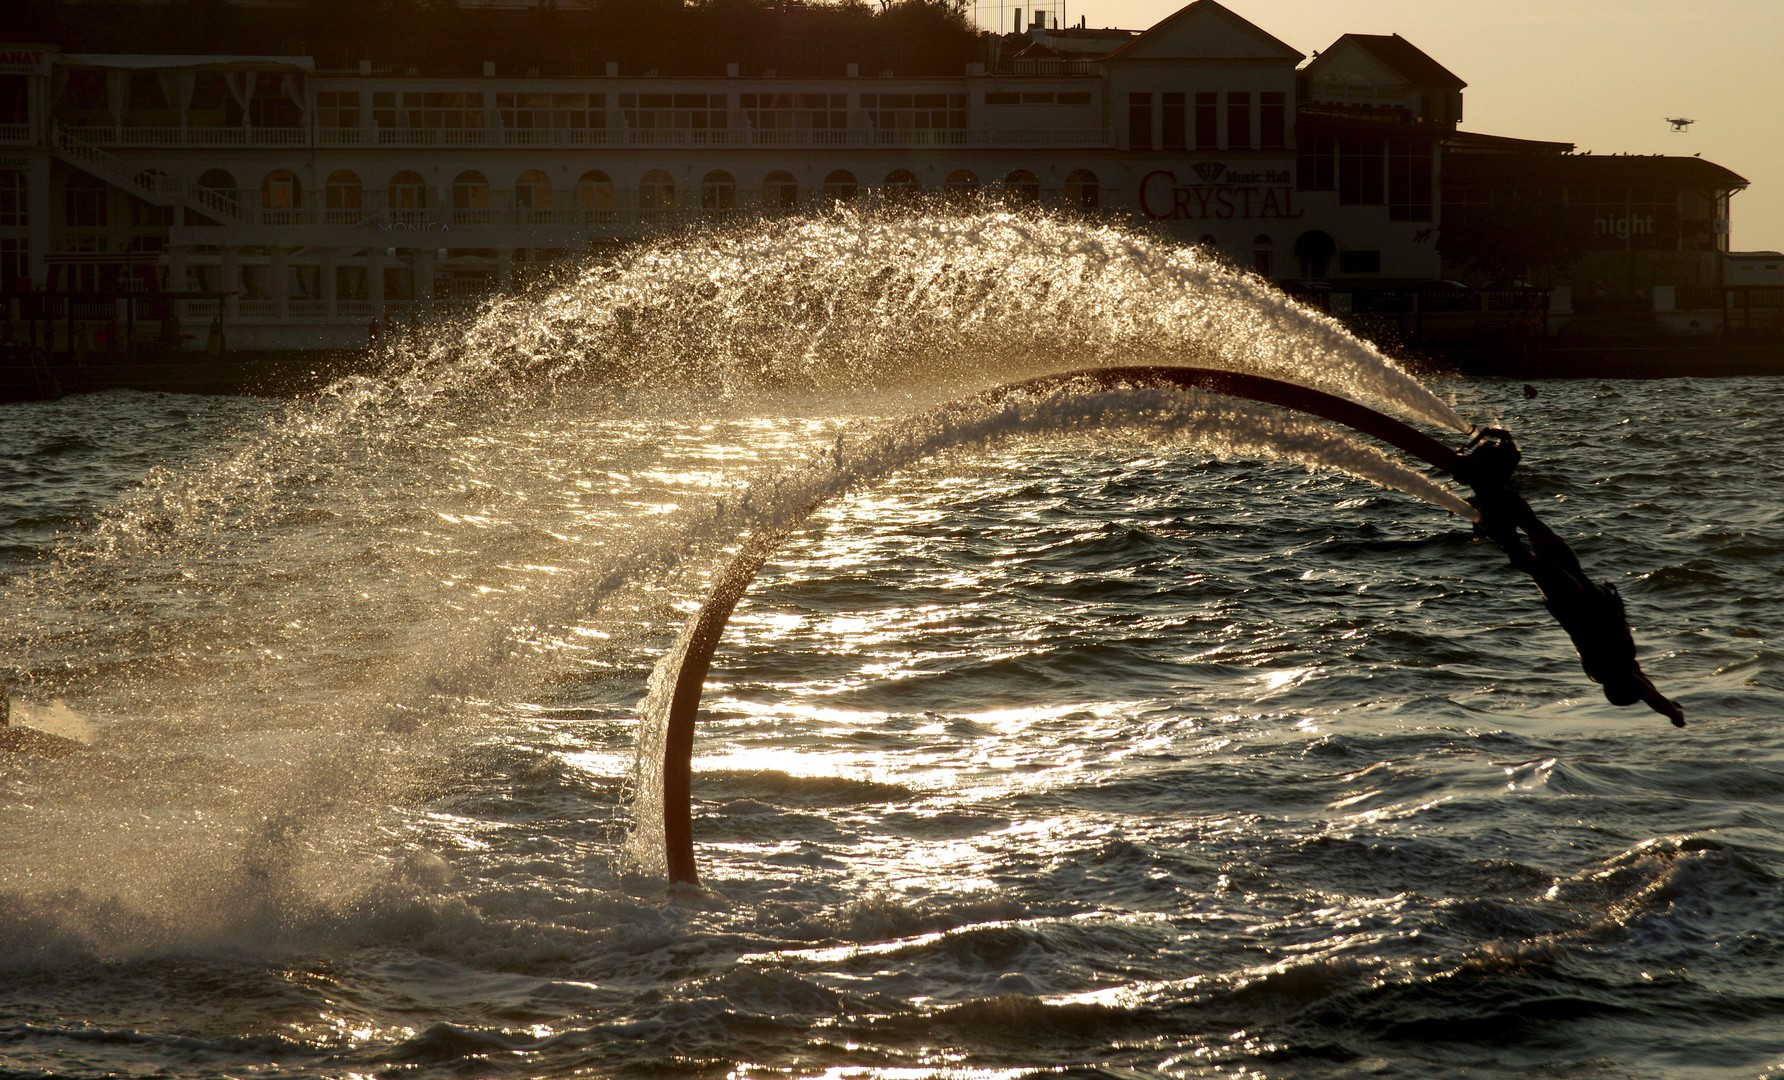 Flyboarding ist eine kunstvolle Sportart – man kann Salto schlagen, um die Achse drehen, in der Luft schweben oder hängen bleiben sowie spektakulär tauchen.